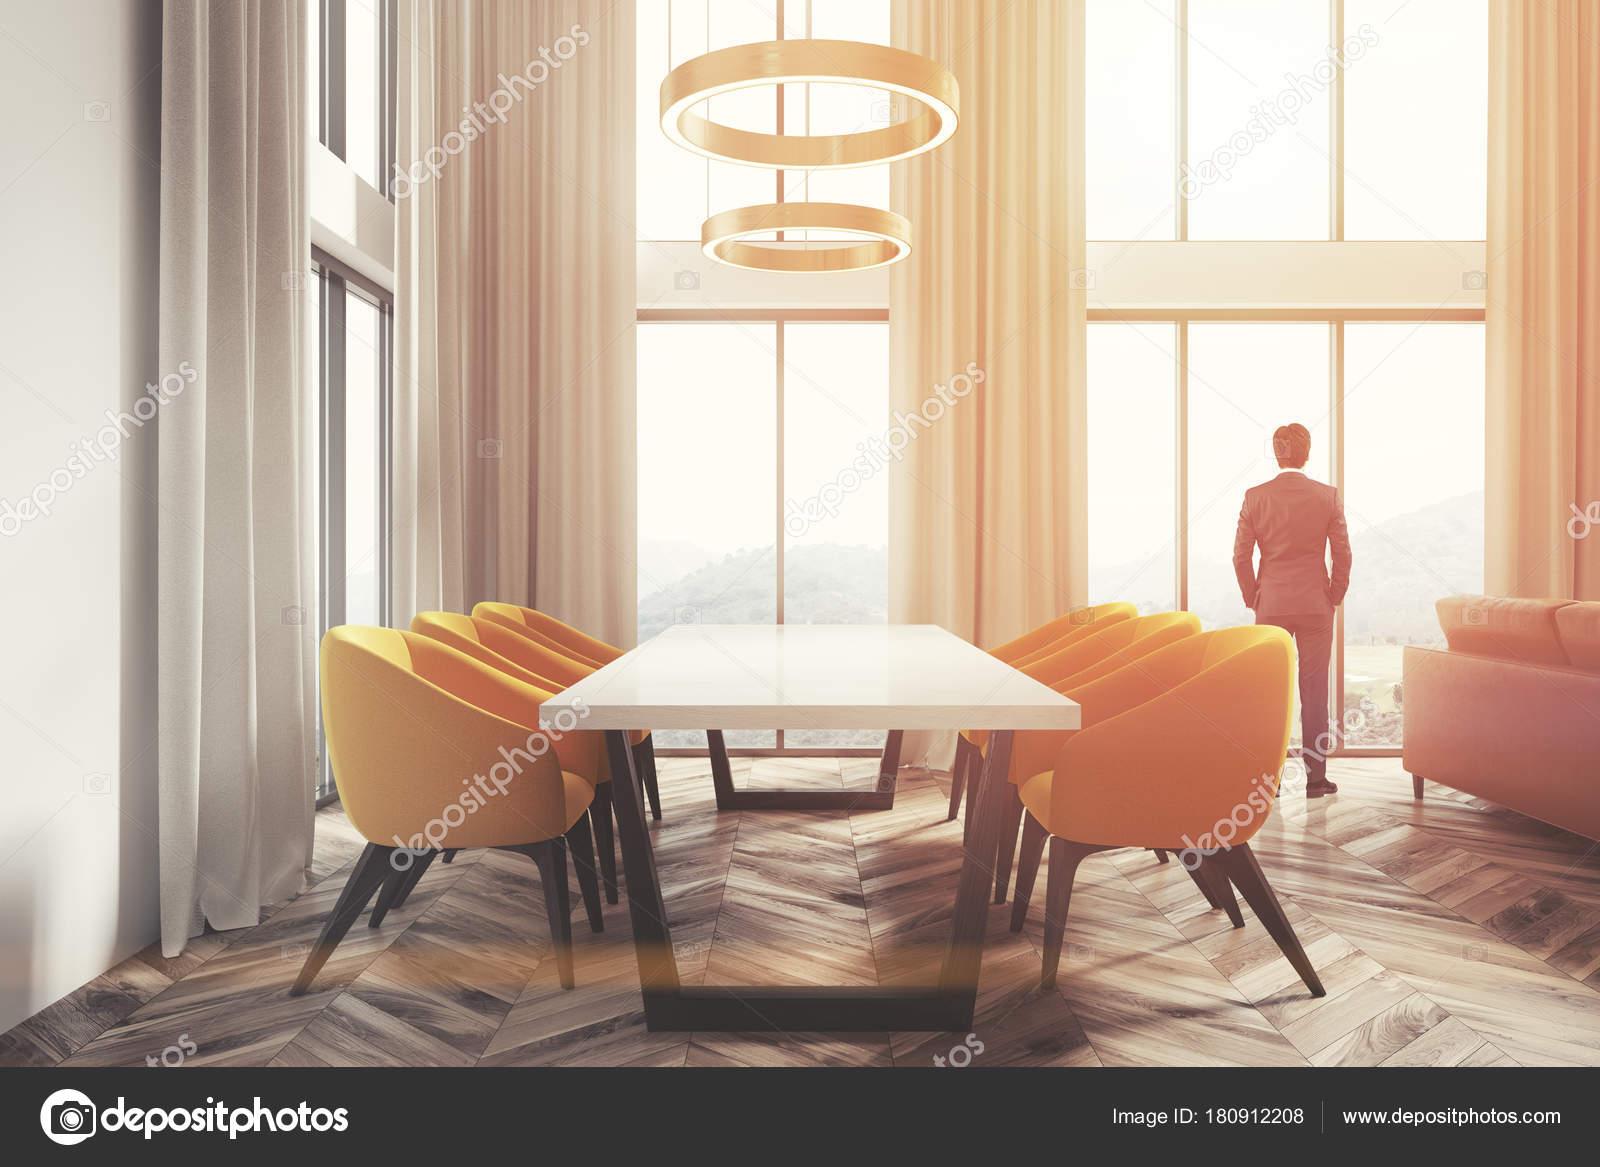 Mann Stockfoto Stühle Weißen Seite — Esszimmer EckeGelbe SpzGqUMV